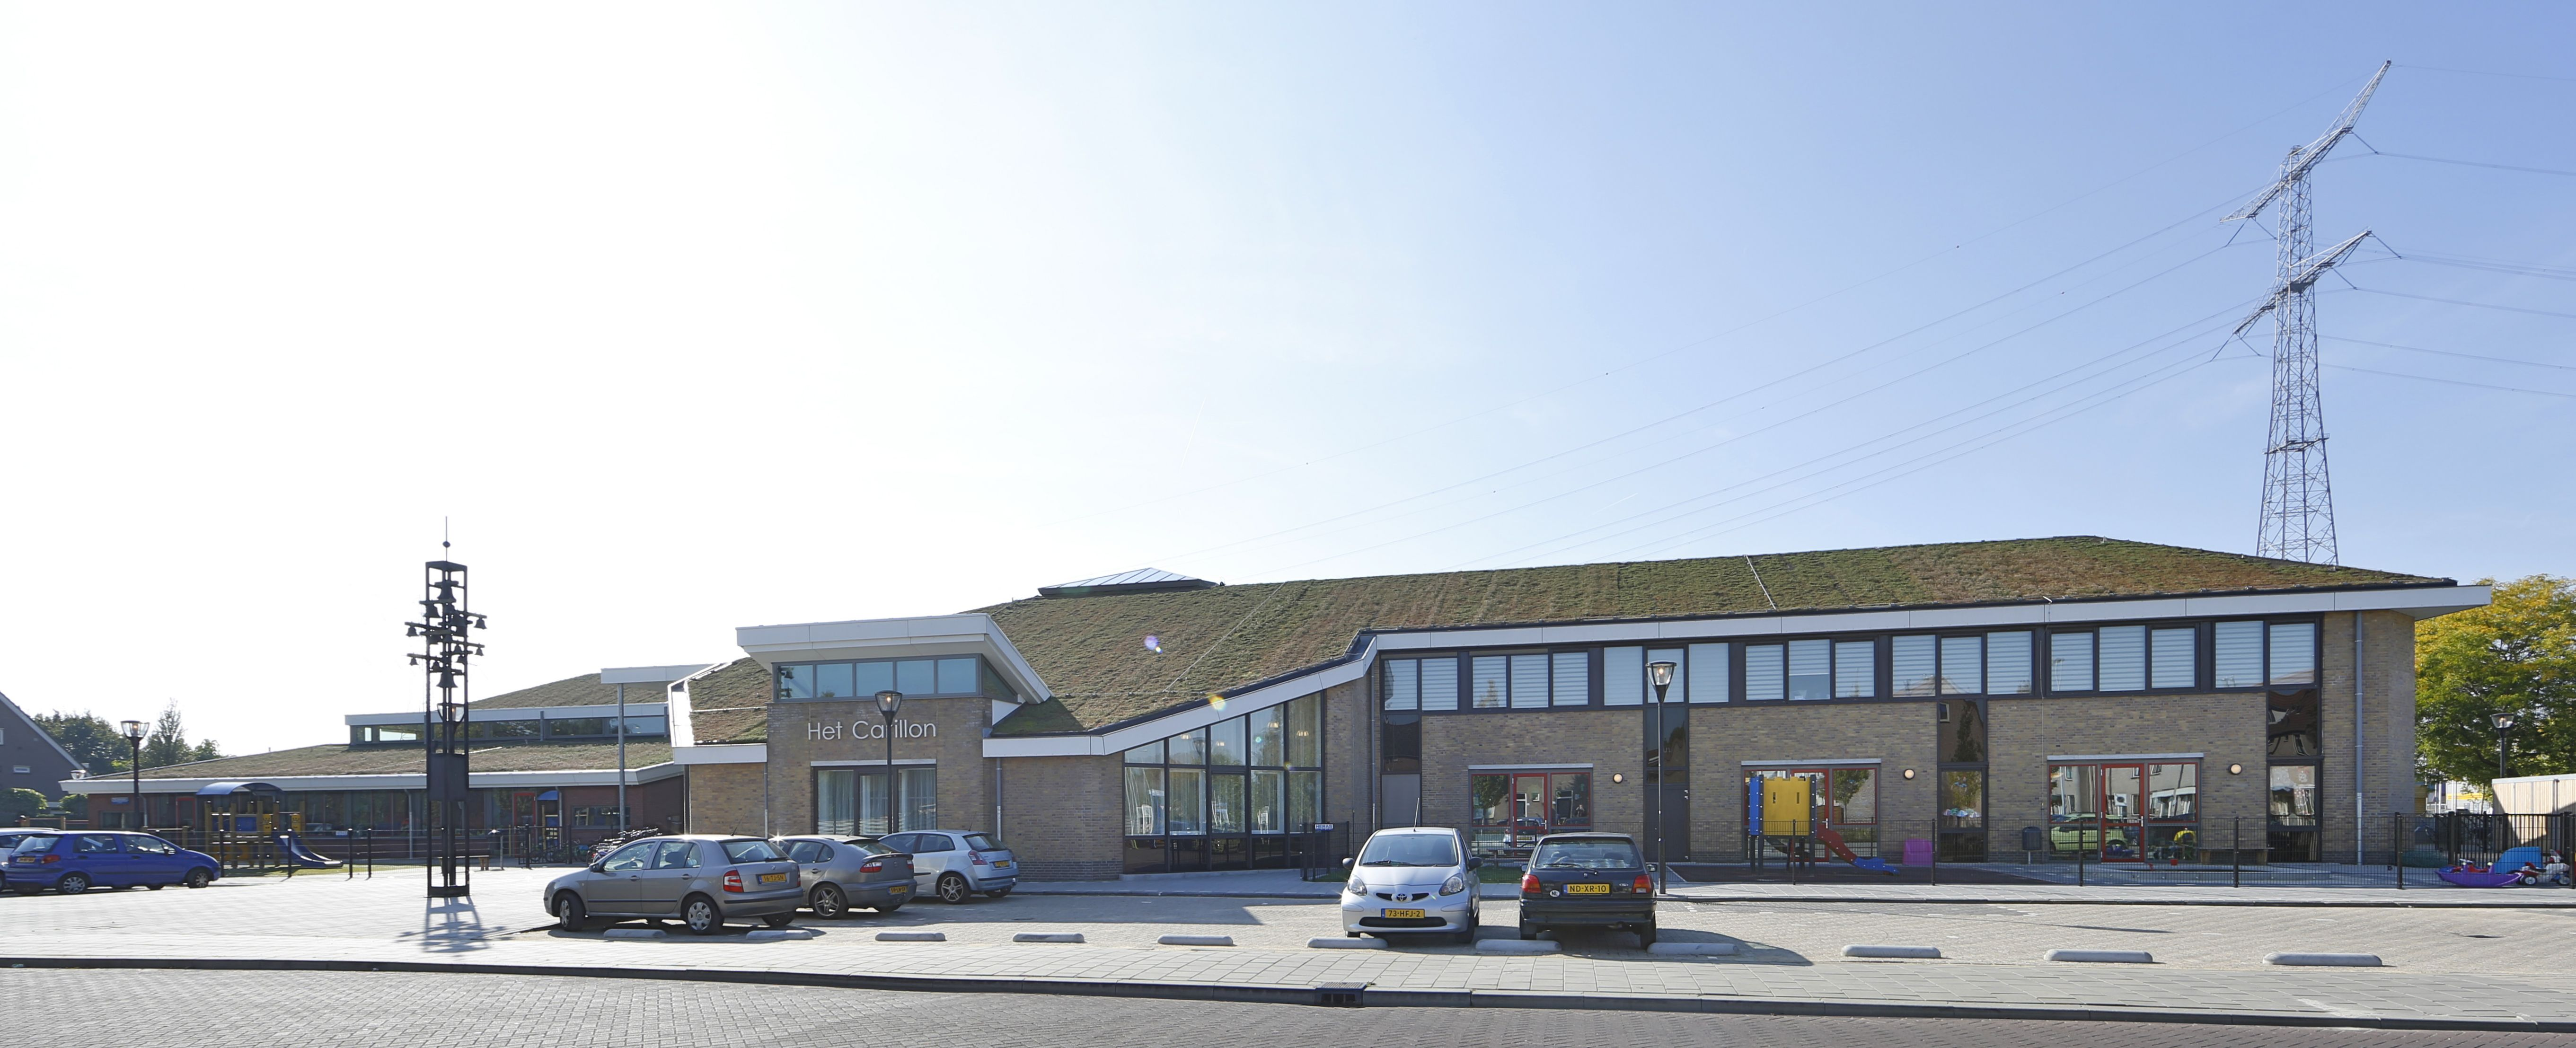 Brede school Het Carillon is gerealiseerd na een ingrijpende vernieuwbouw van het voormalige gemeentehuis van Nieuw-Lekkerland.